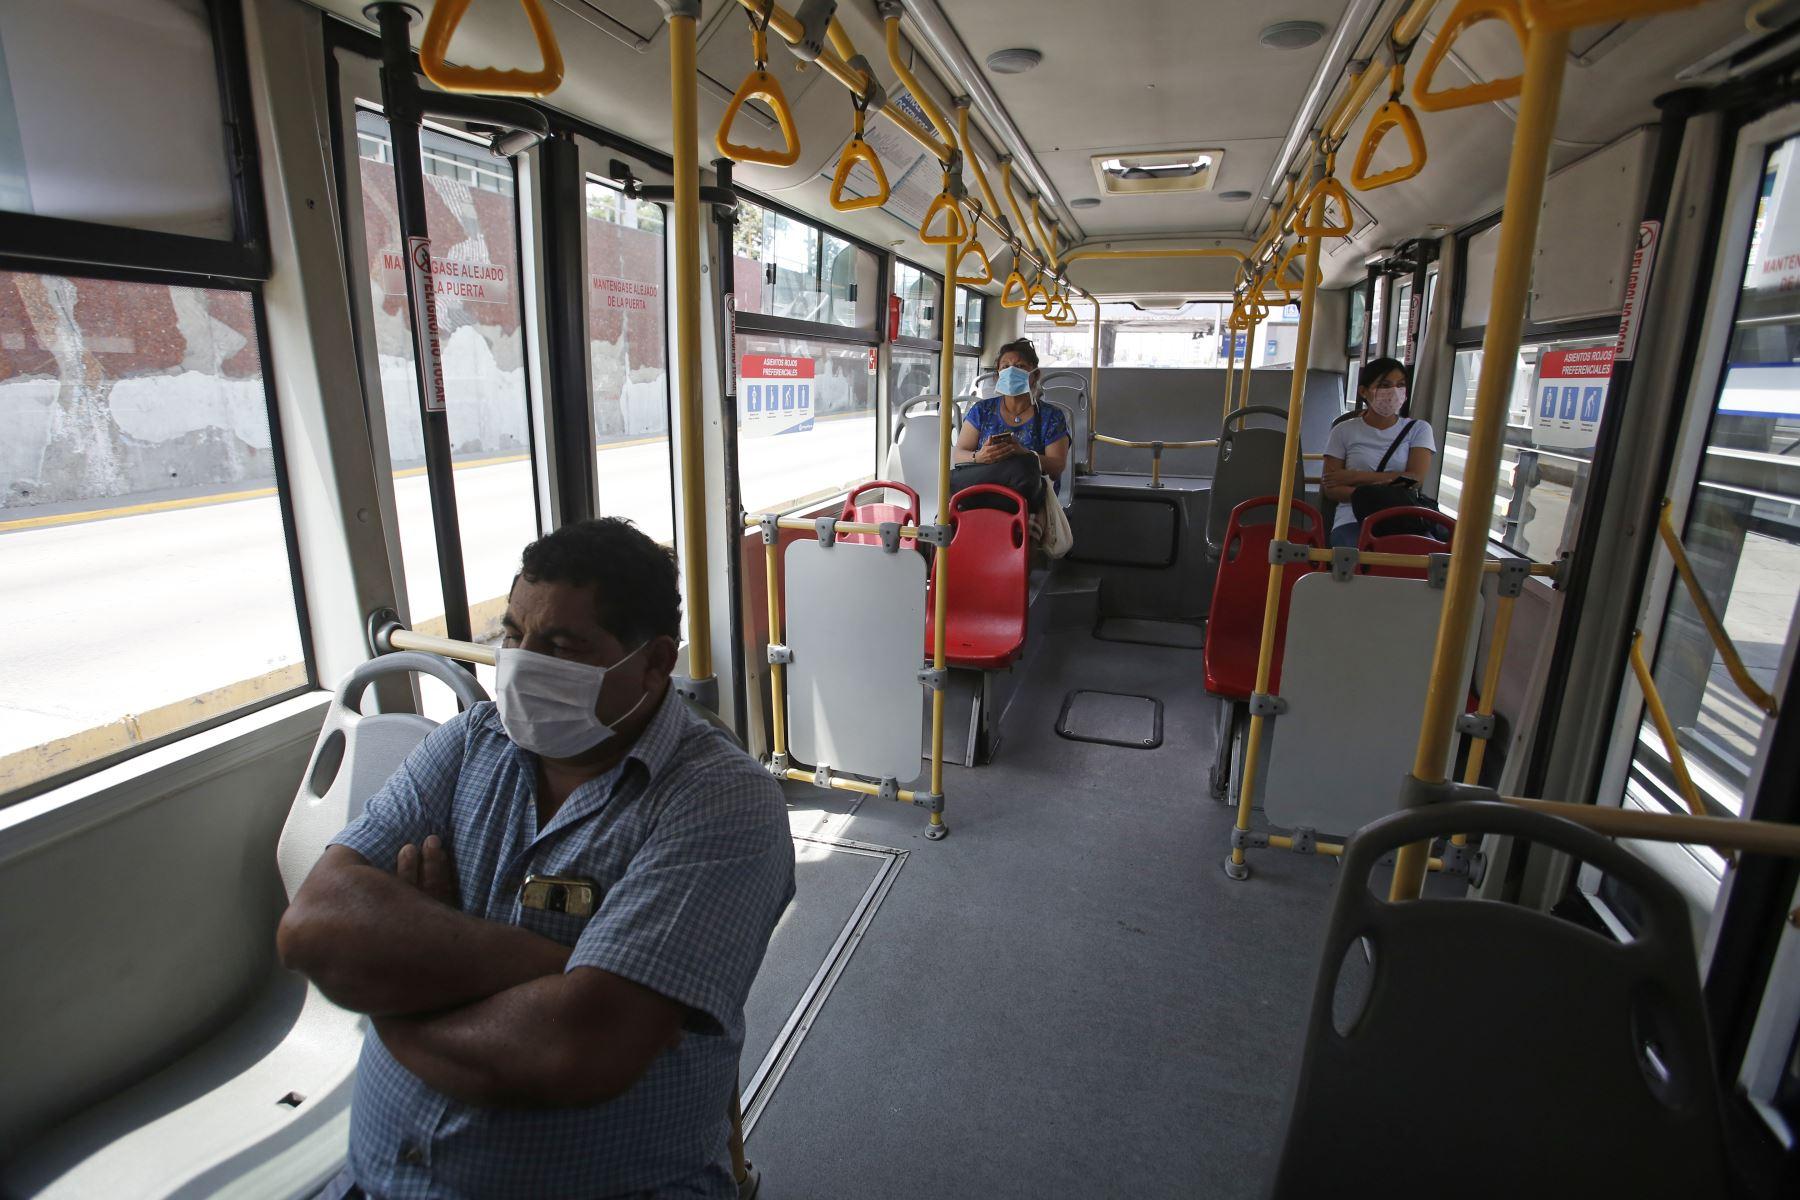 Segundo día tras declaratoria de emergencia por Coronavirus. Pasajes mantienen distancia social en bus del Metropolitano. Foto: ANDINA/Renato Pajuelo